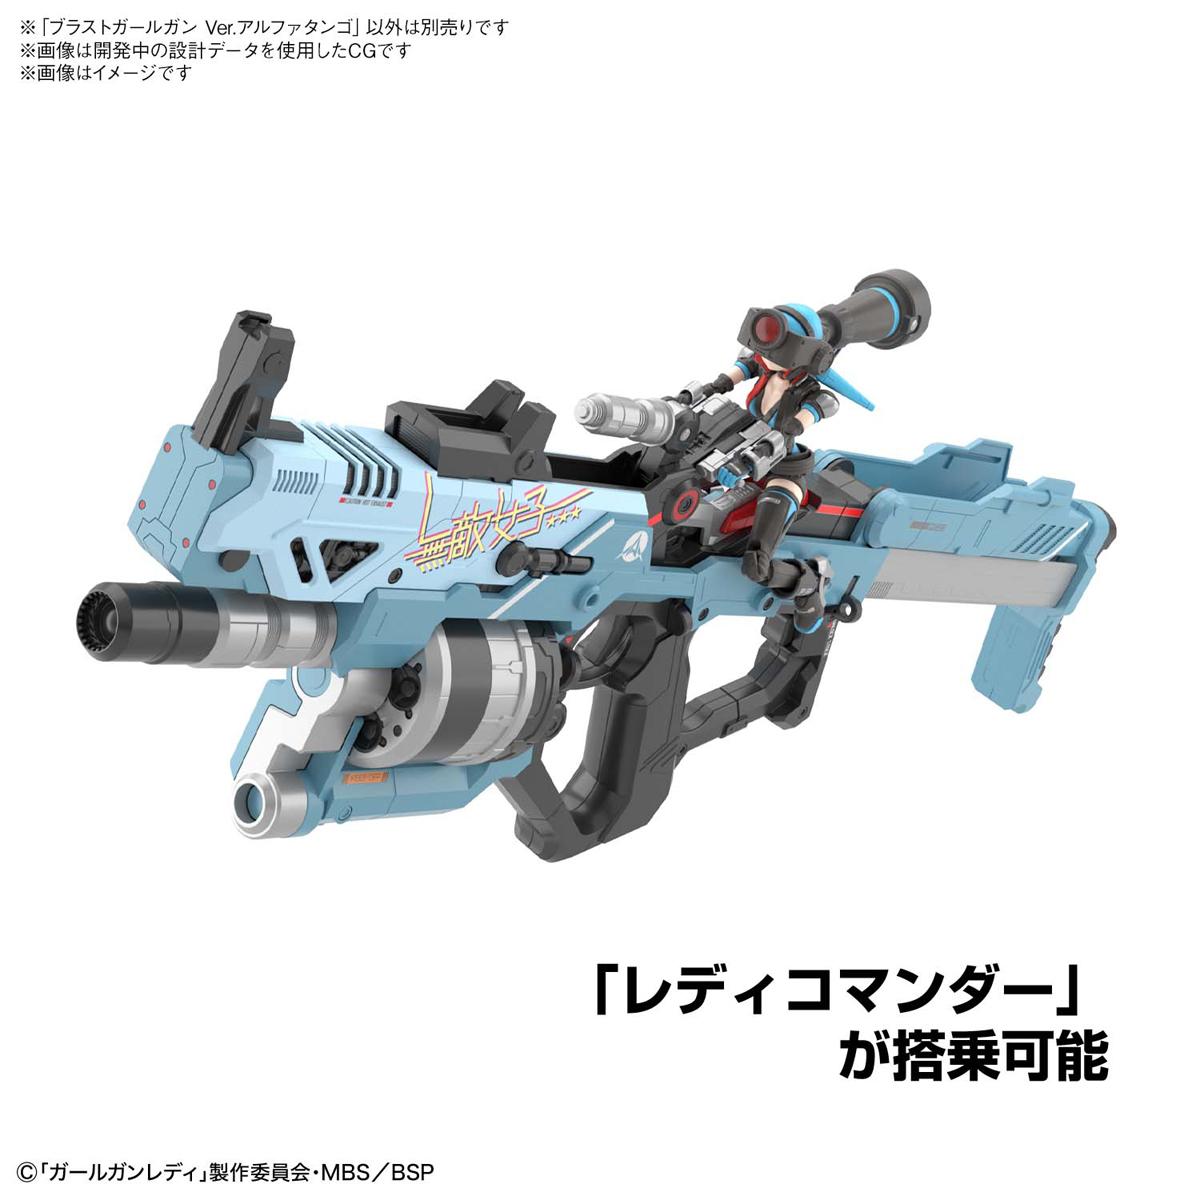 ガールガンレディ『ブラストガールガン Ver.アルファタンゴ』GGL 1/1 プラモデル-005